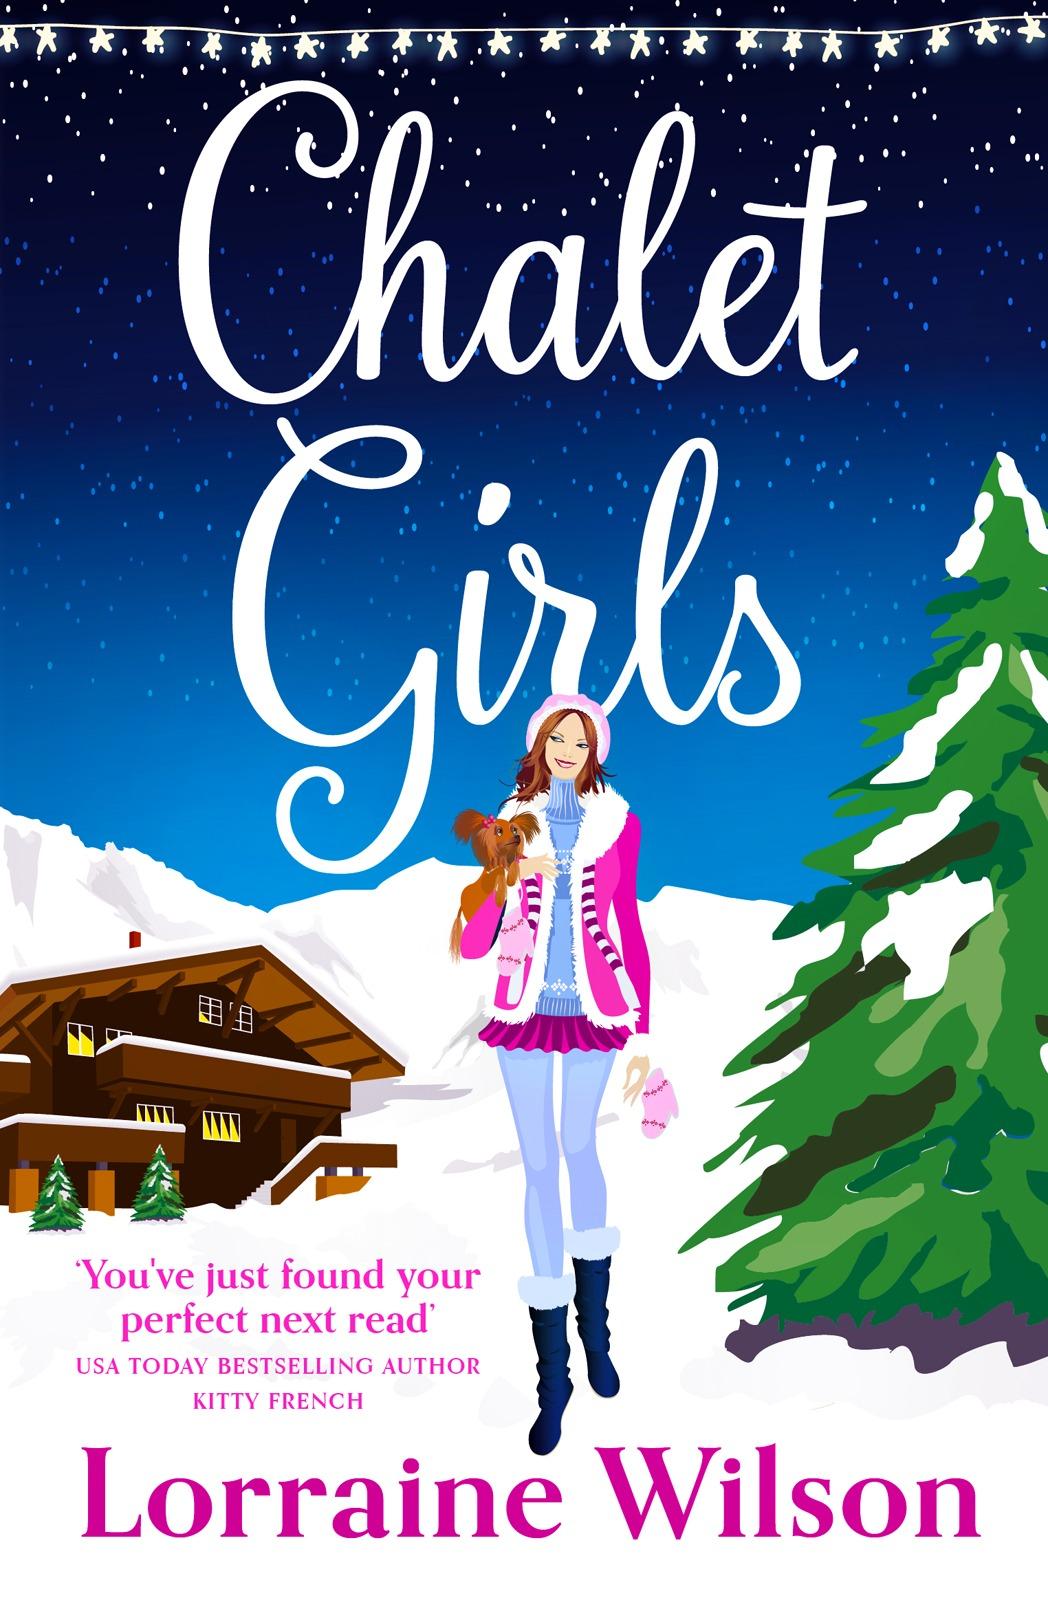 Lorraine Wilson Chalet Girls